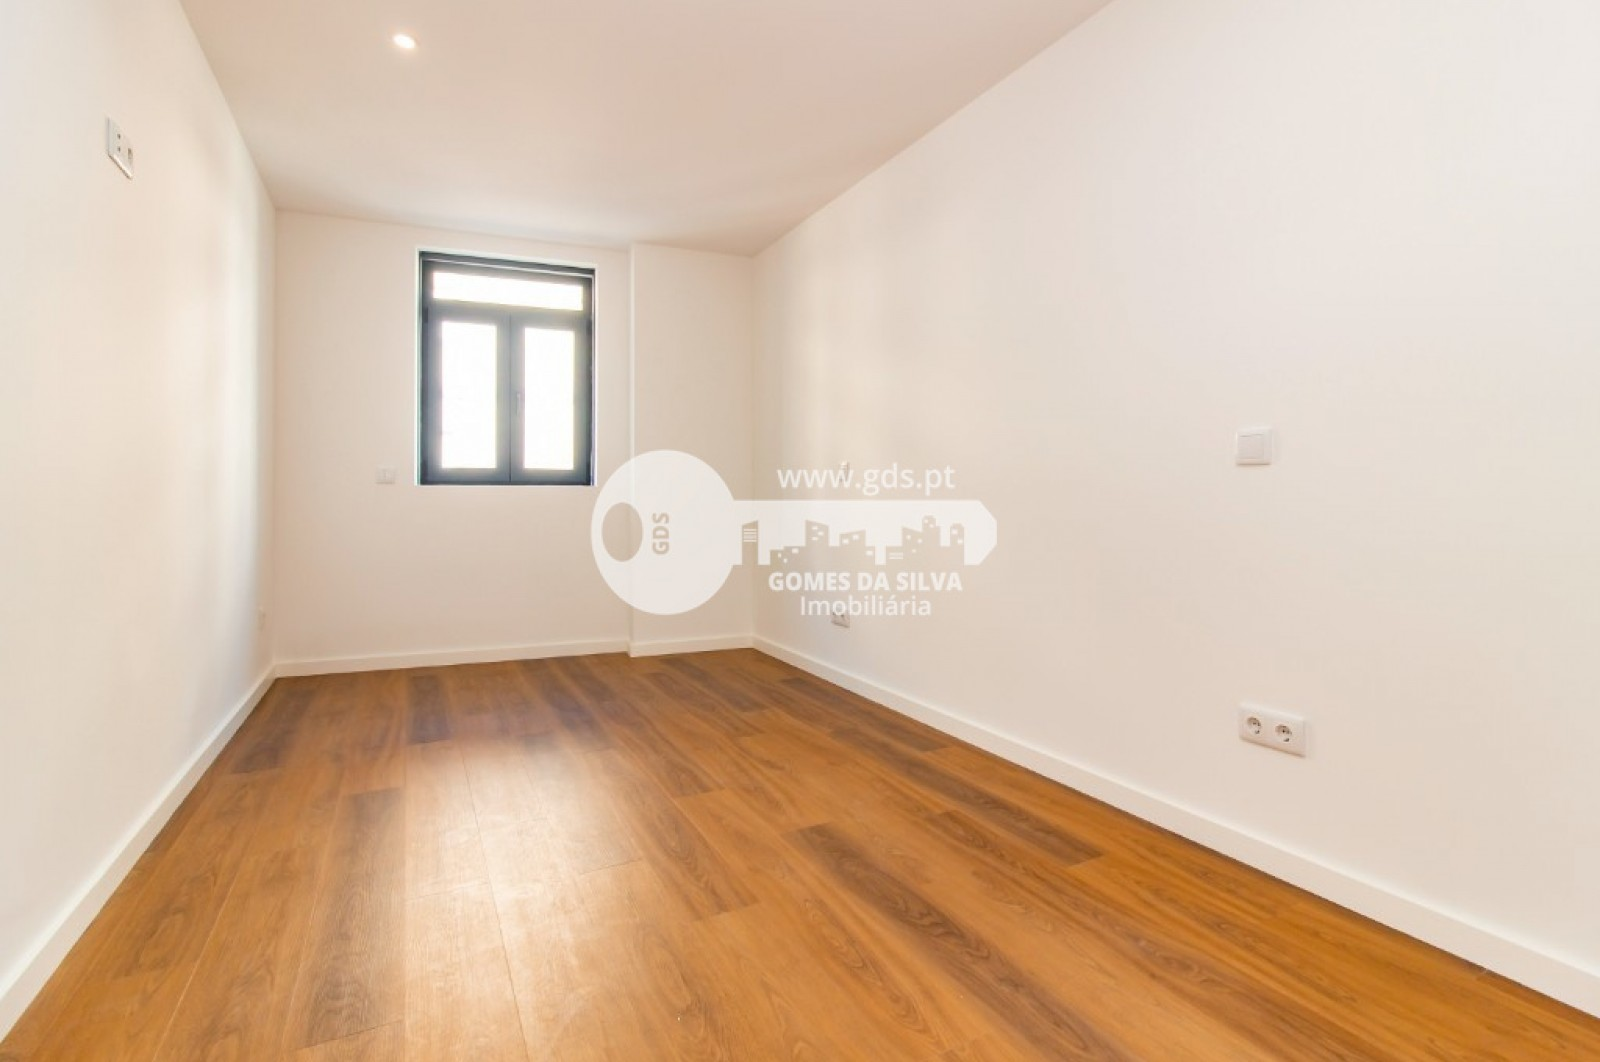 Apartamento T3 para Venda em São Vicente, Braga, Braga - Imagem 17